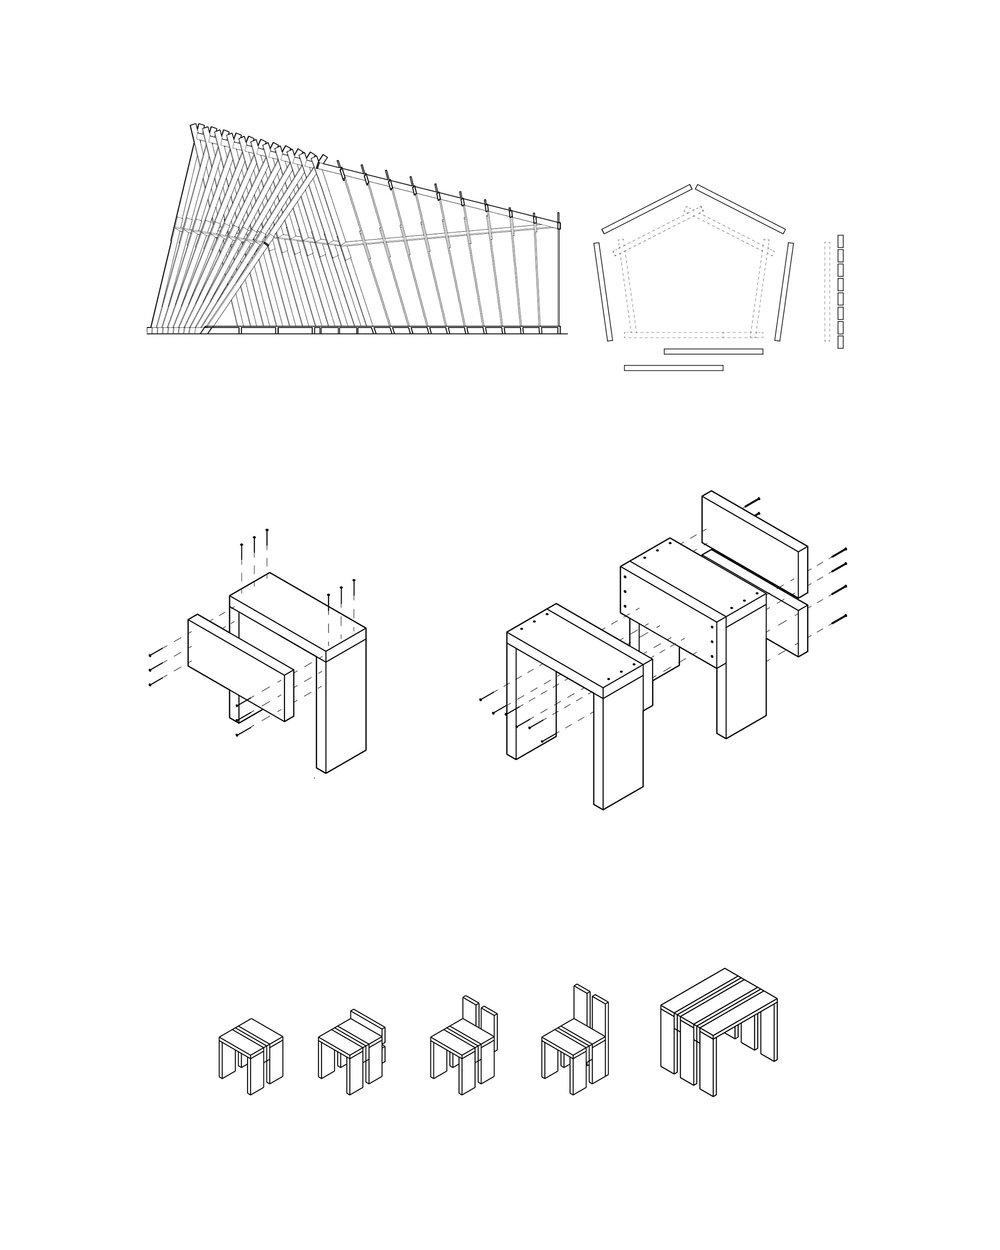 Furniture_Diagram.jpg